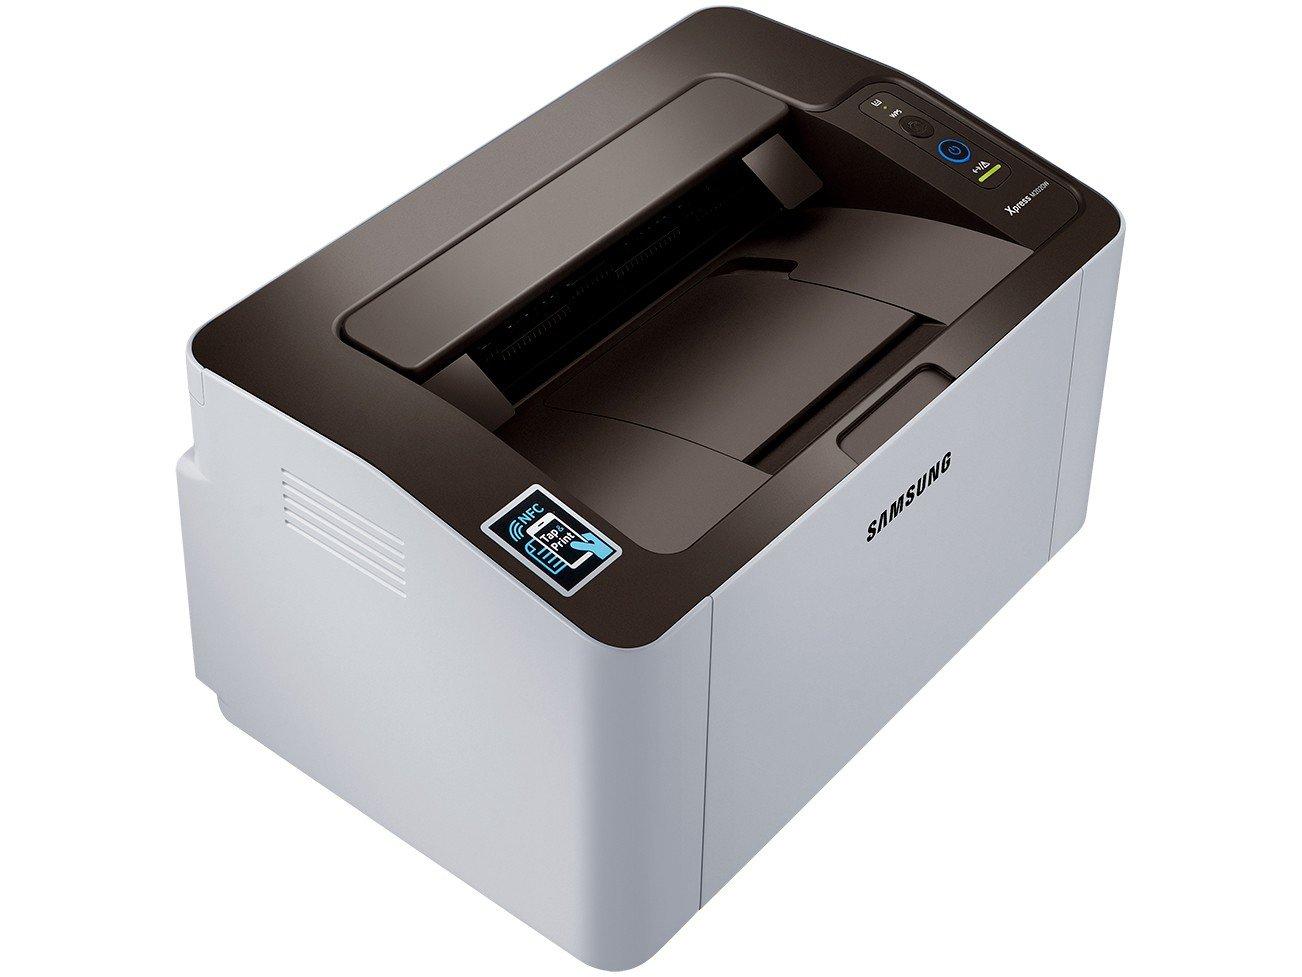 Foto 8 - Impressora Samsung Xpress SL-M2020W Laser - Wi-Fi USB NFC